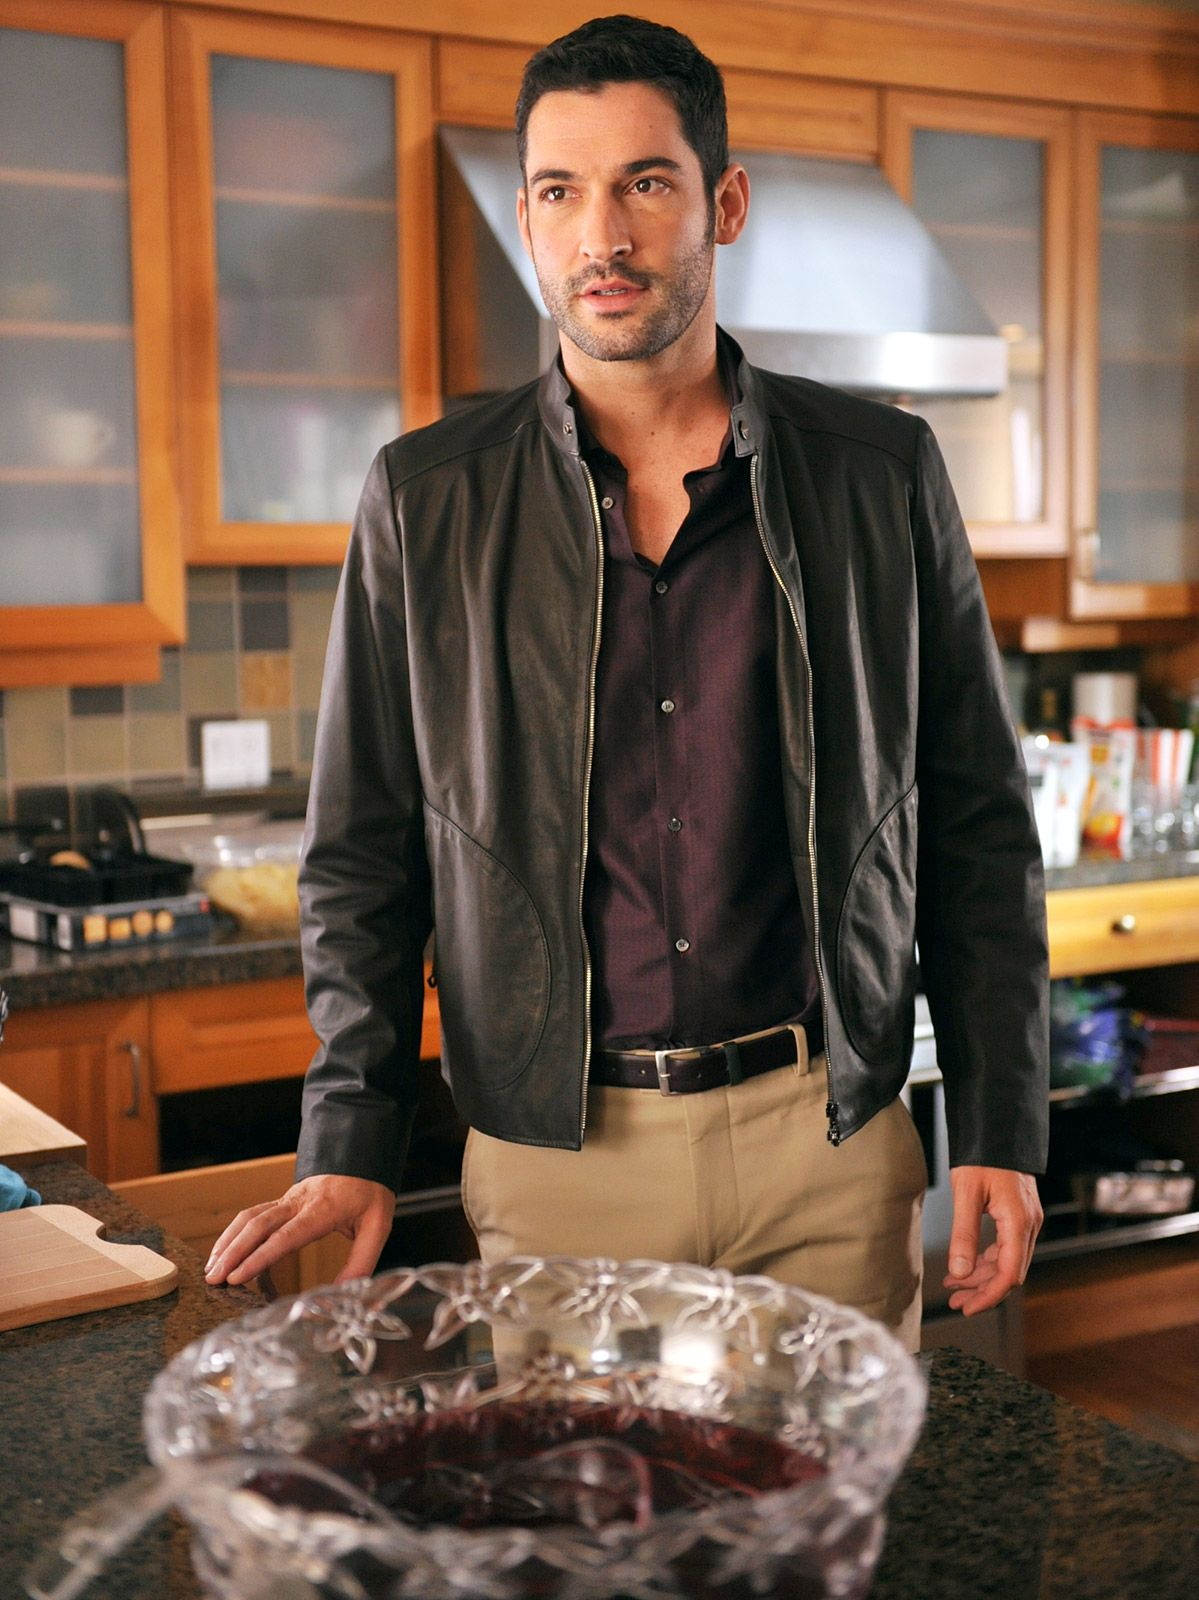 Rush S Hunky Star Tom Ellis 5 Things To Know Tom Ellis Shirtless Tom Ellis Tom Ellis Rush